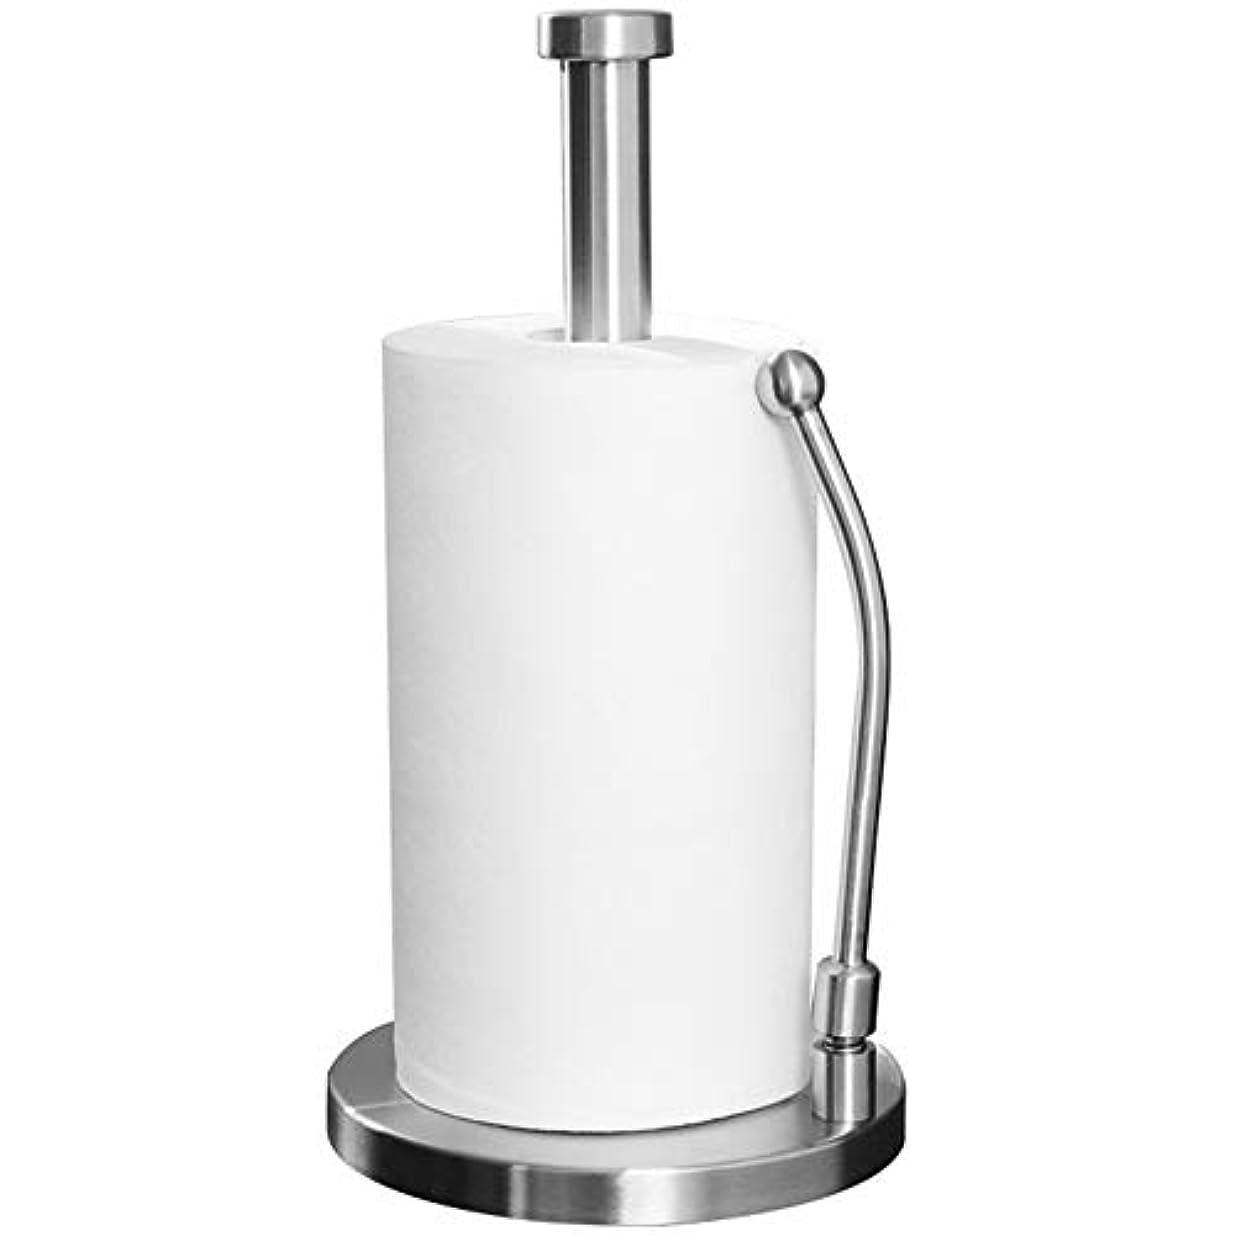 うつ繊維別にZZLX 紙タオルホルダー、ステンレス鋼プラスボールドダブルポールキッチン垂直ロールホルダー紙タオルホルダー ロングハンドル風呂ブラシ